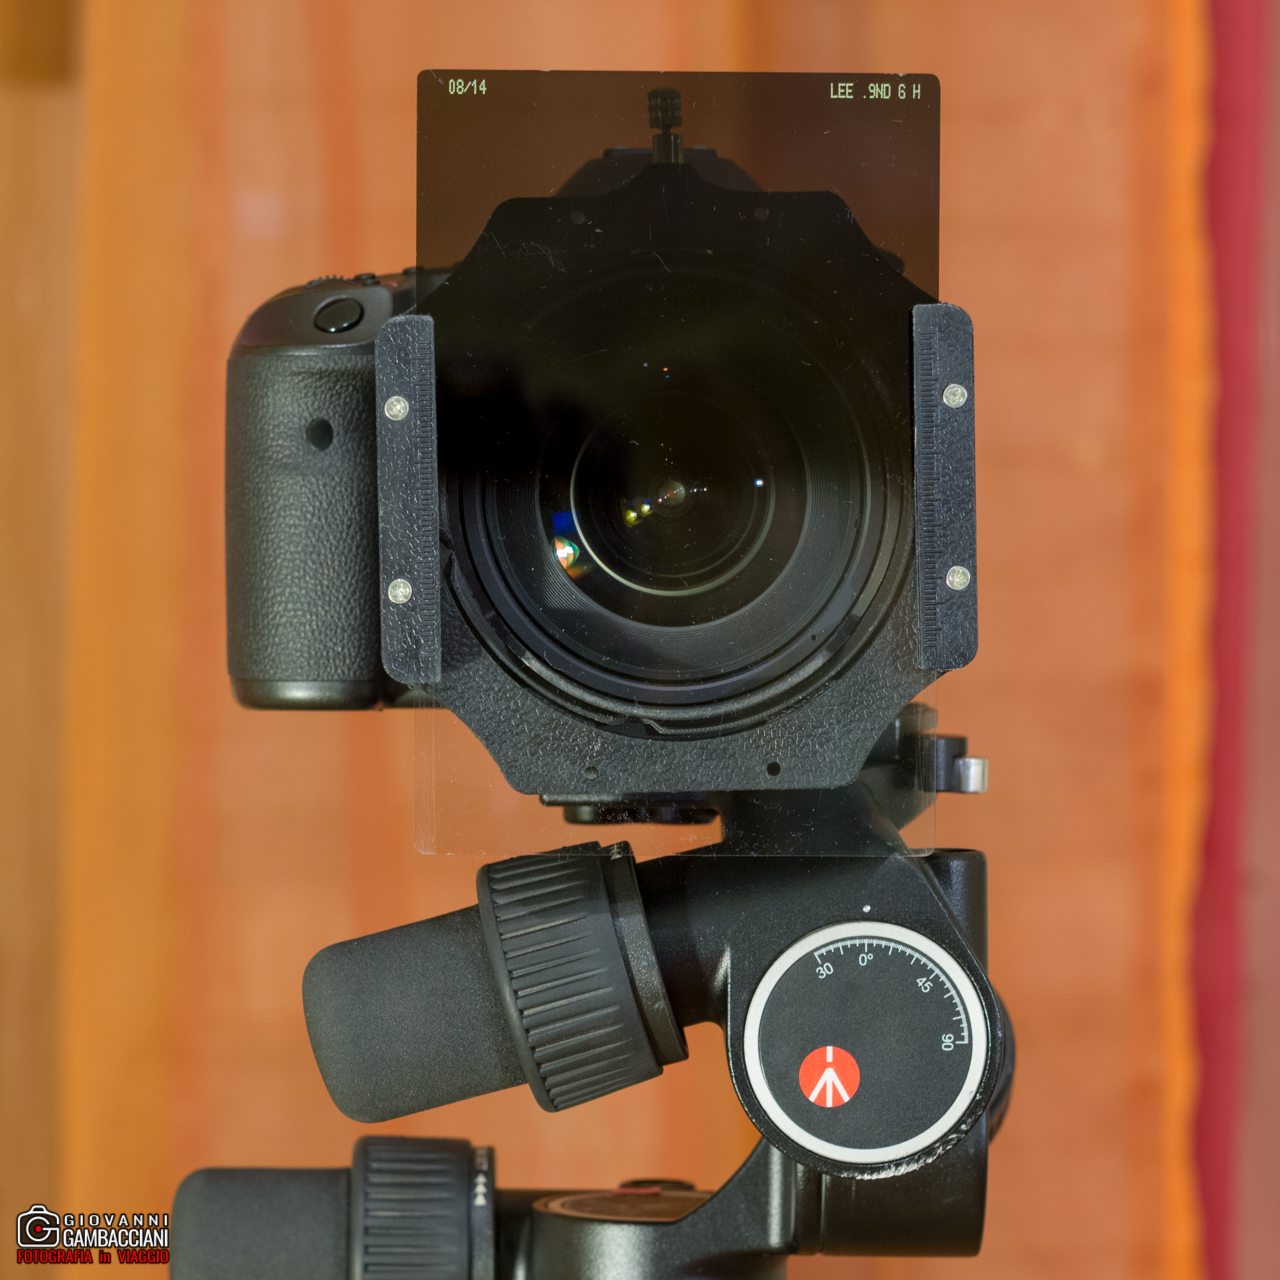 Pillole di Fotografia  Samy_MOD2 Samyang 14:2.8 MODIFICATO per lastre 100mm - Un progetto tutto fatto in casa